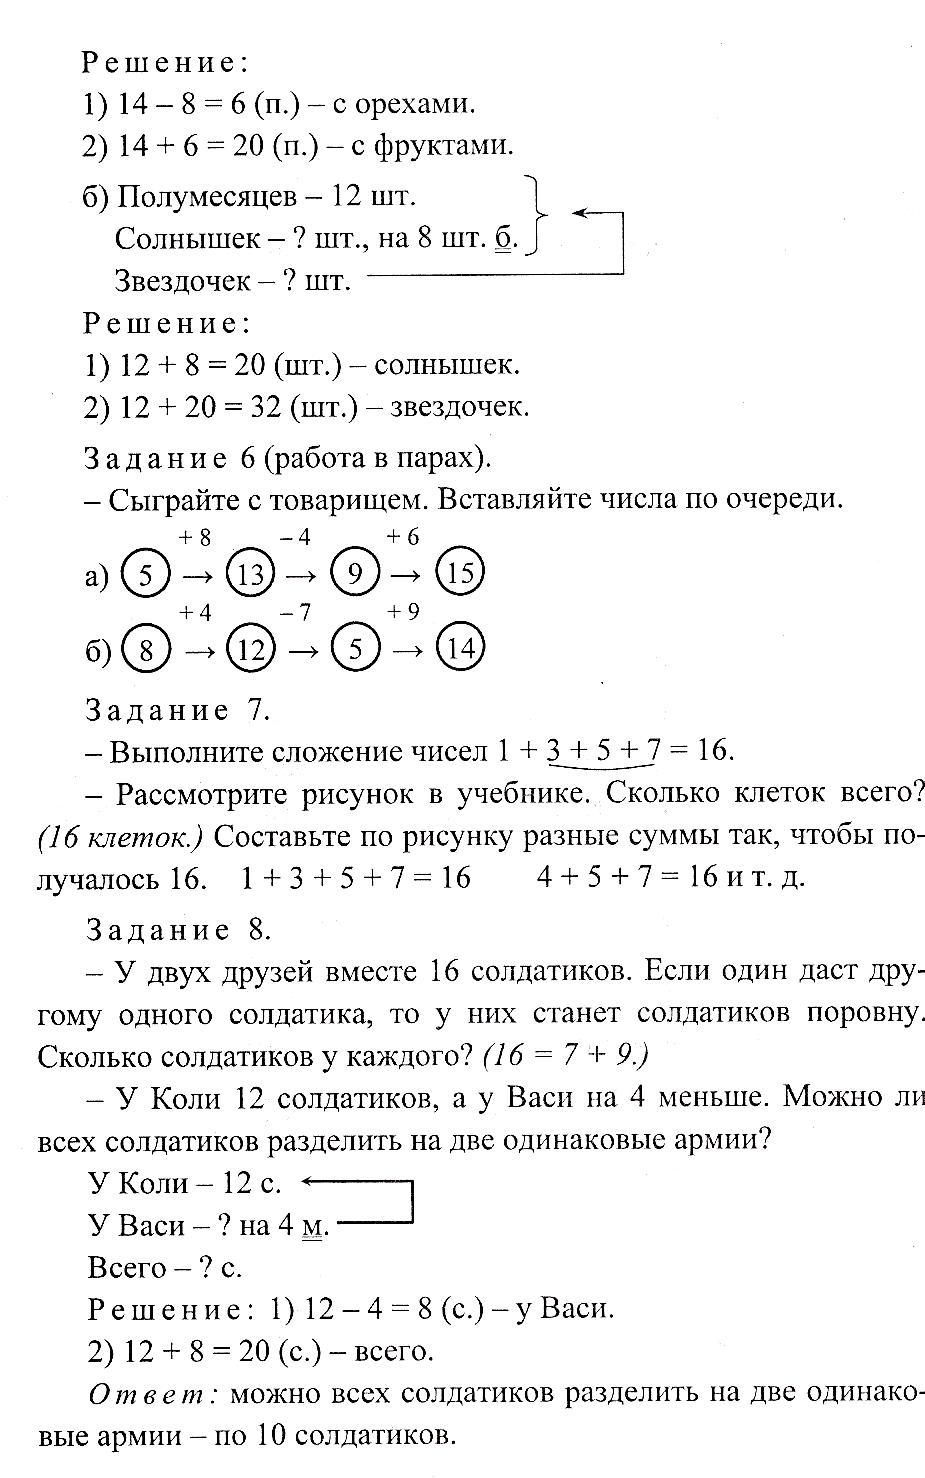 E:\математика сканирована на уроки\сканирование0013.jpg